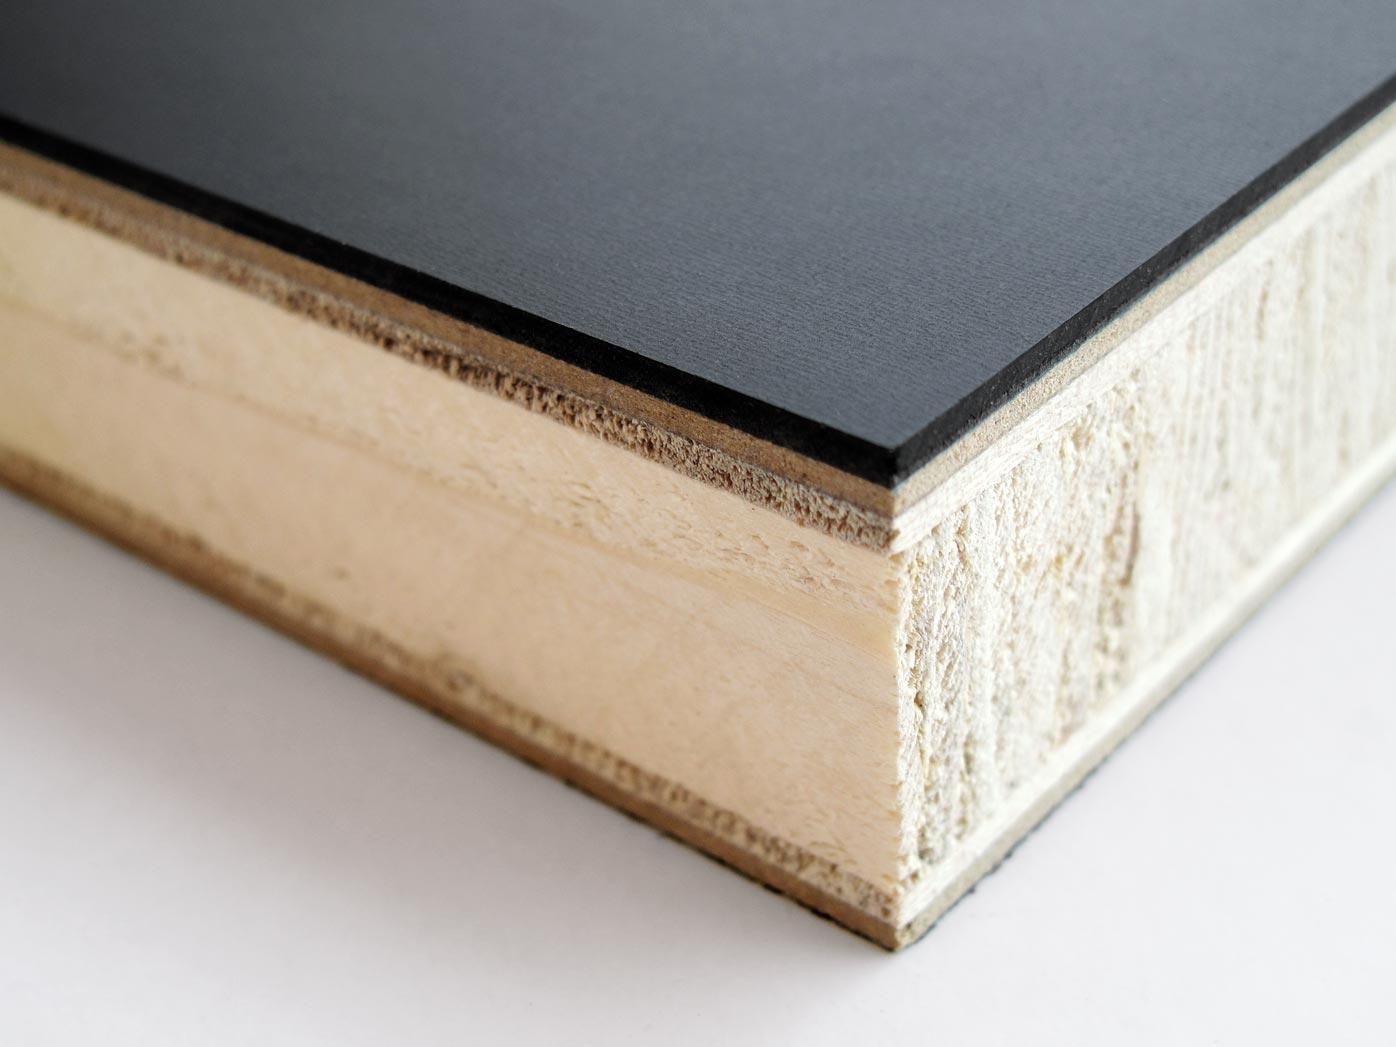 L z sinusid tisch linoleum for Linoleum schwarz